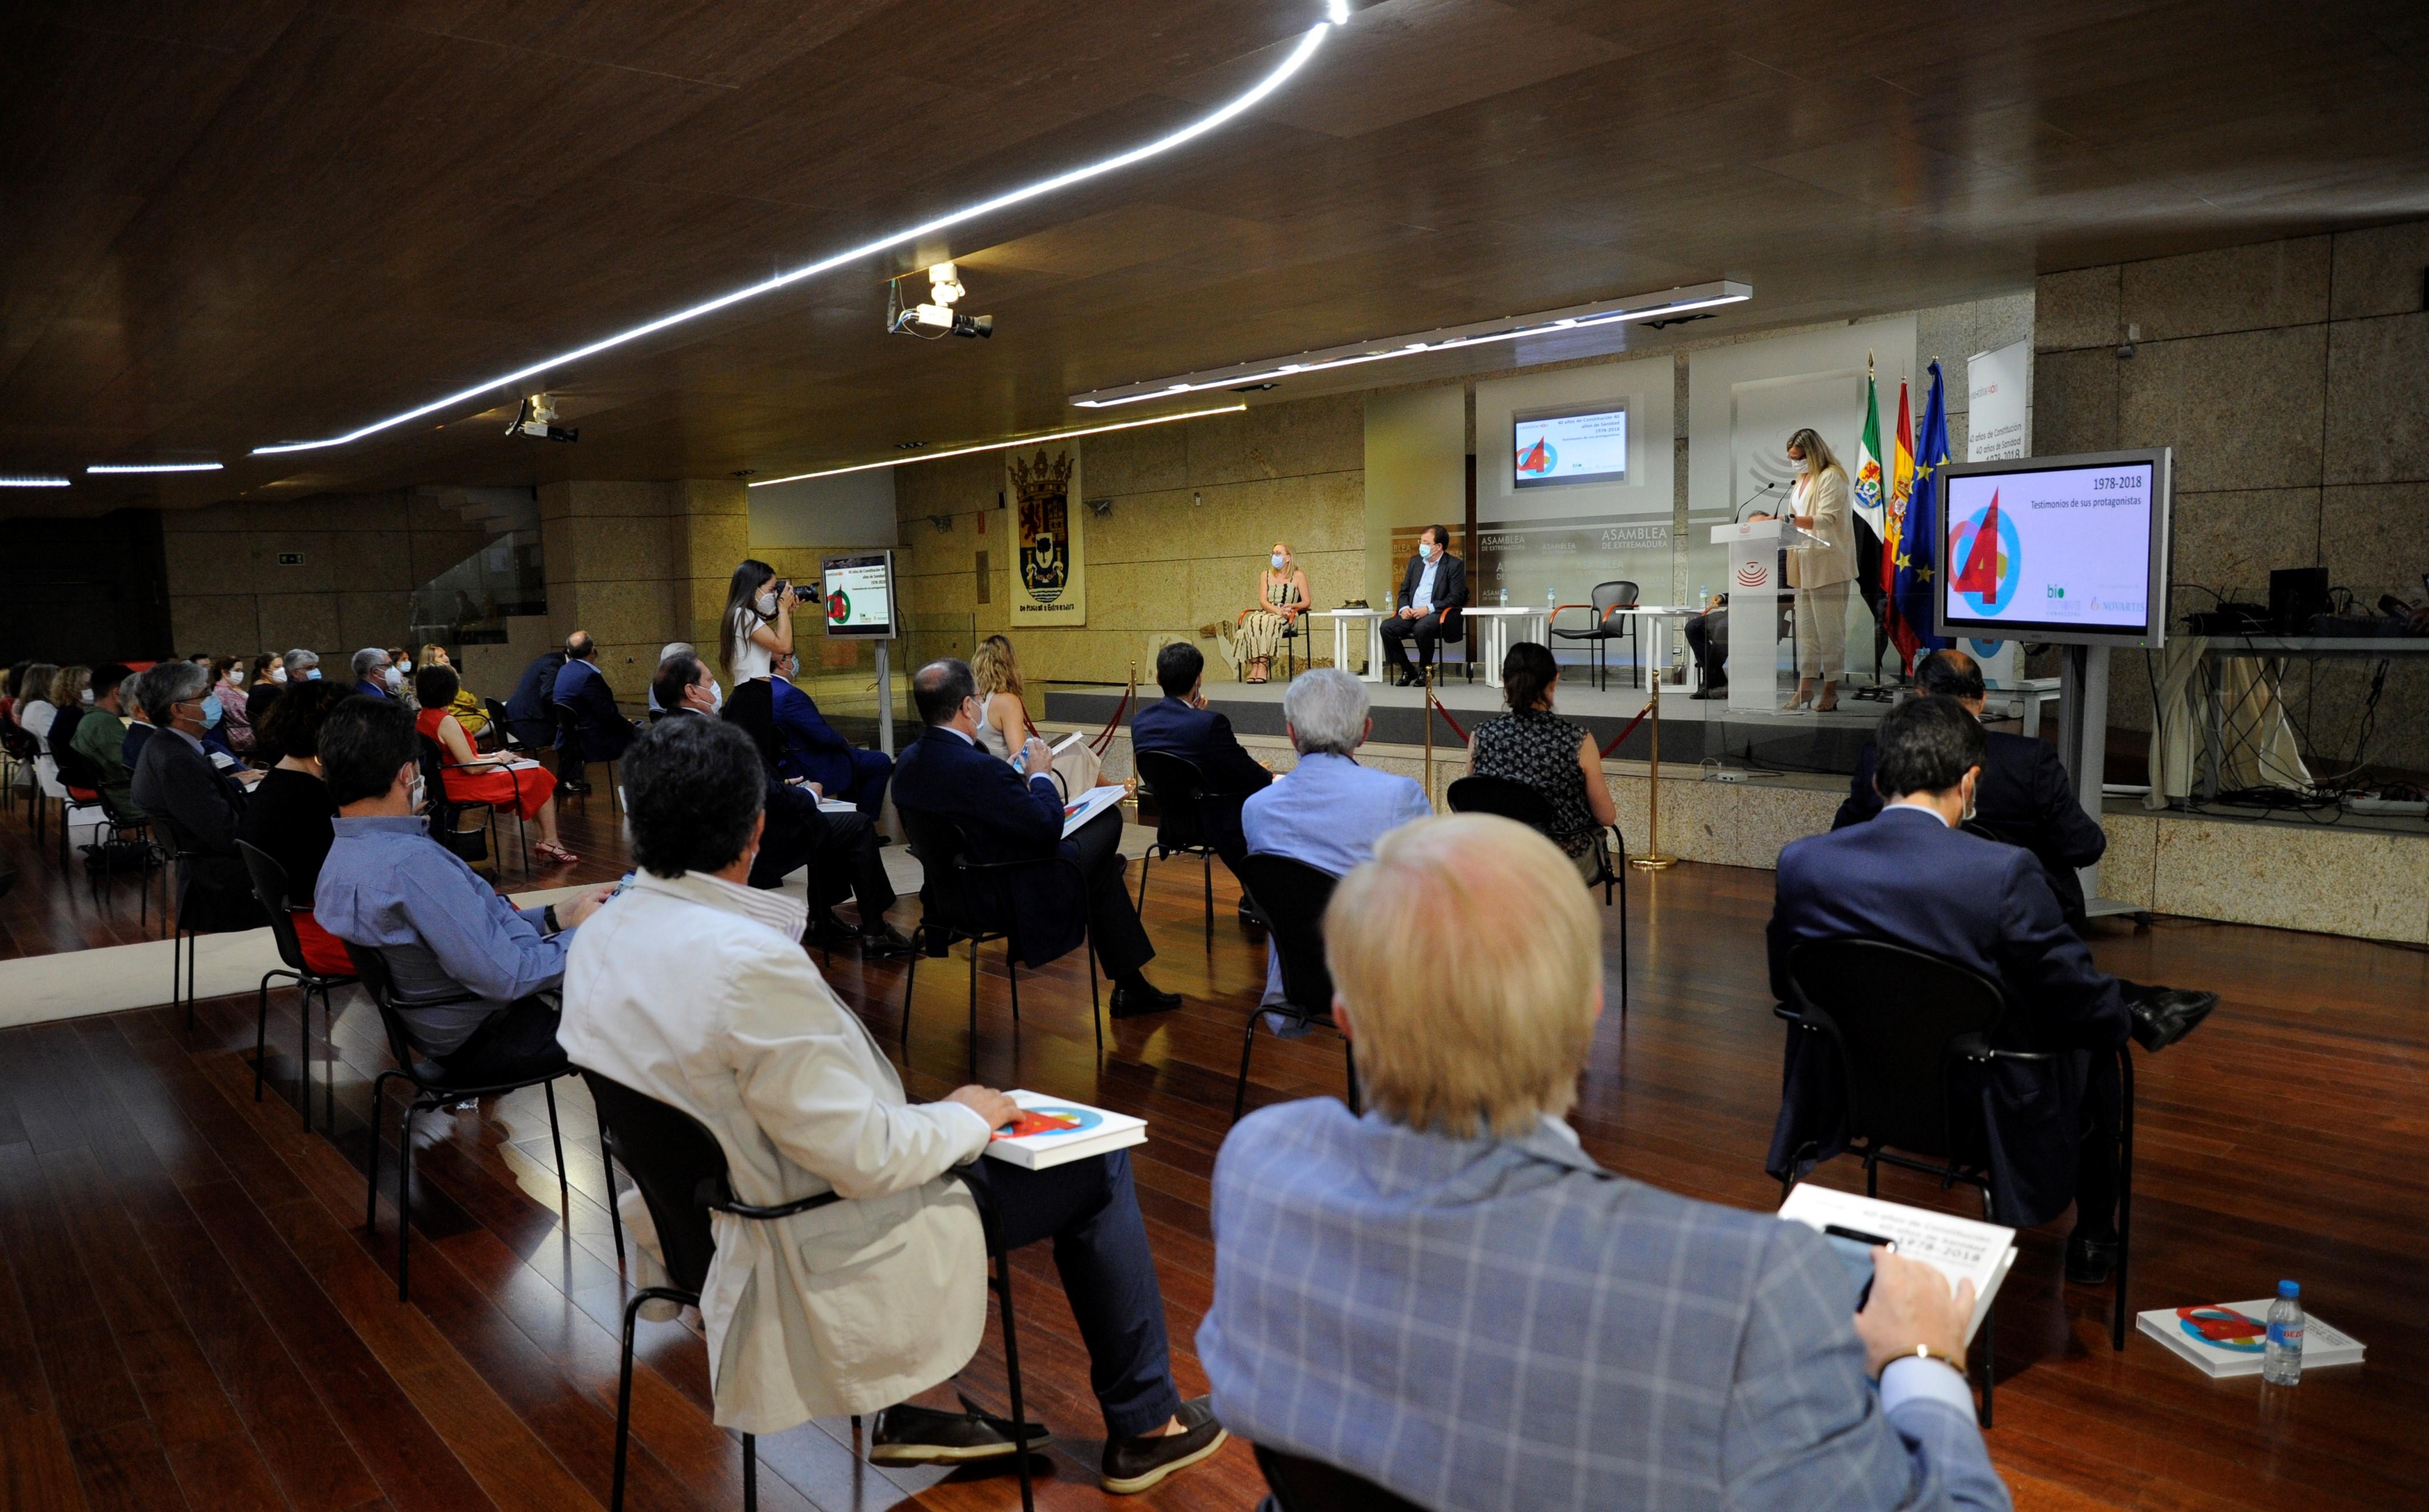 Blanca Martín reivindica el papel de la Constitución y el valor de la sanidad pública como fortaleza del país